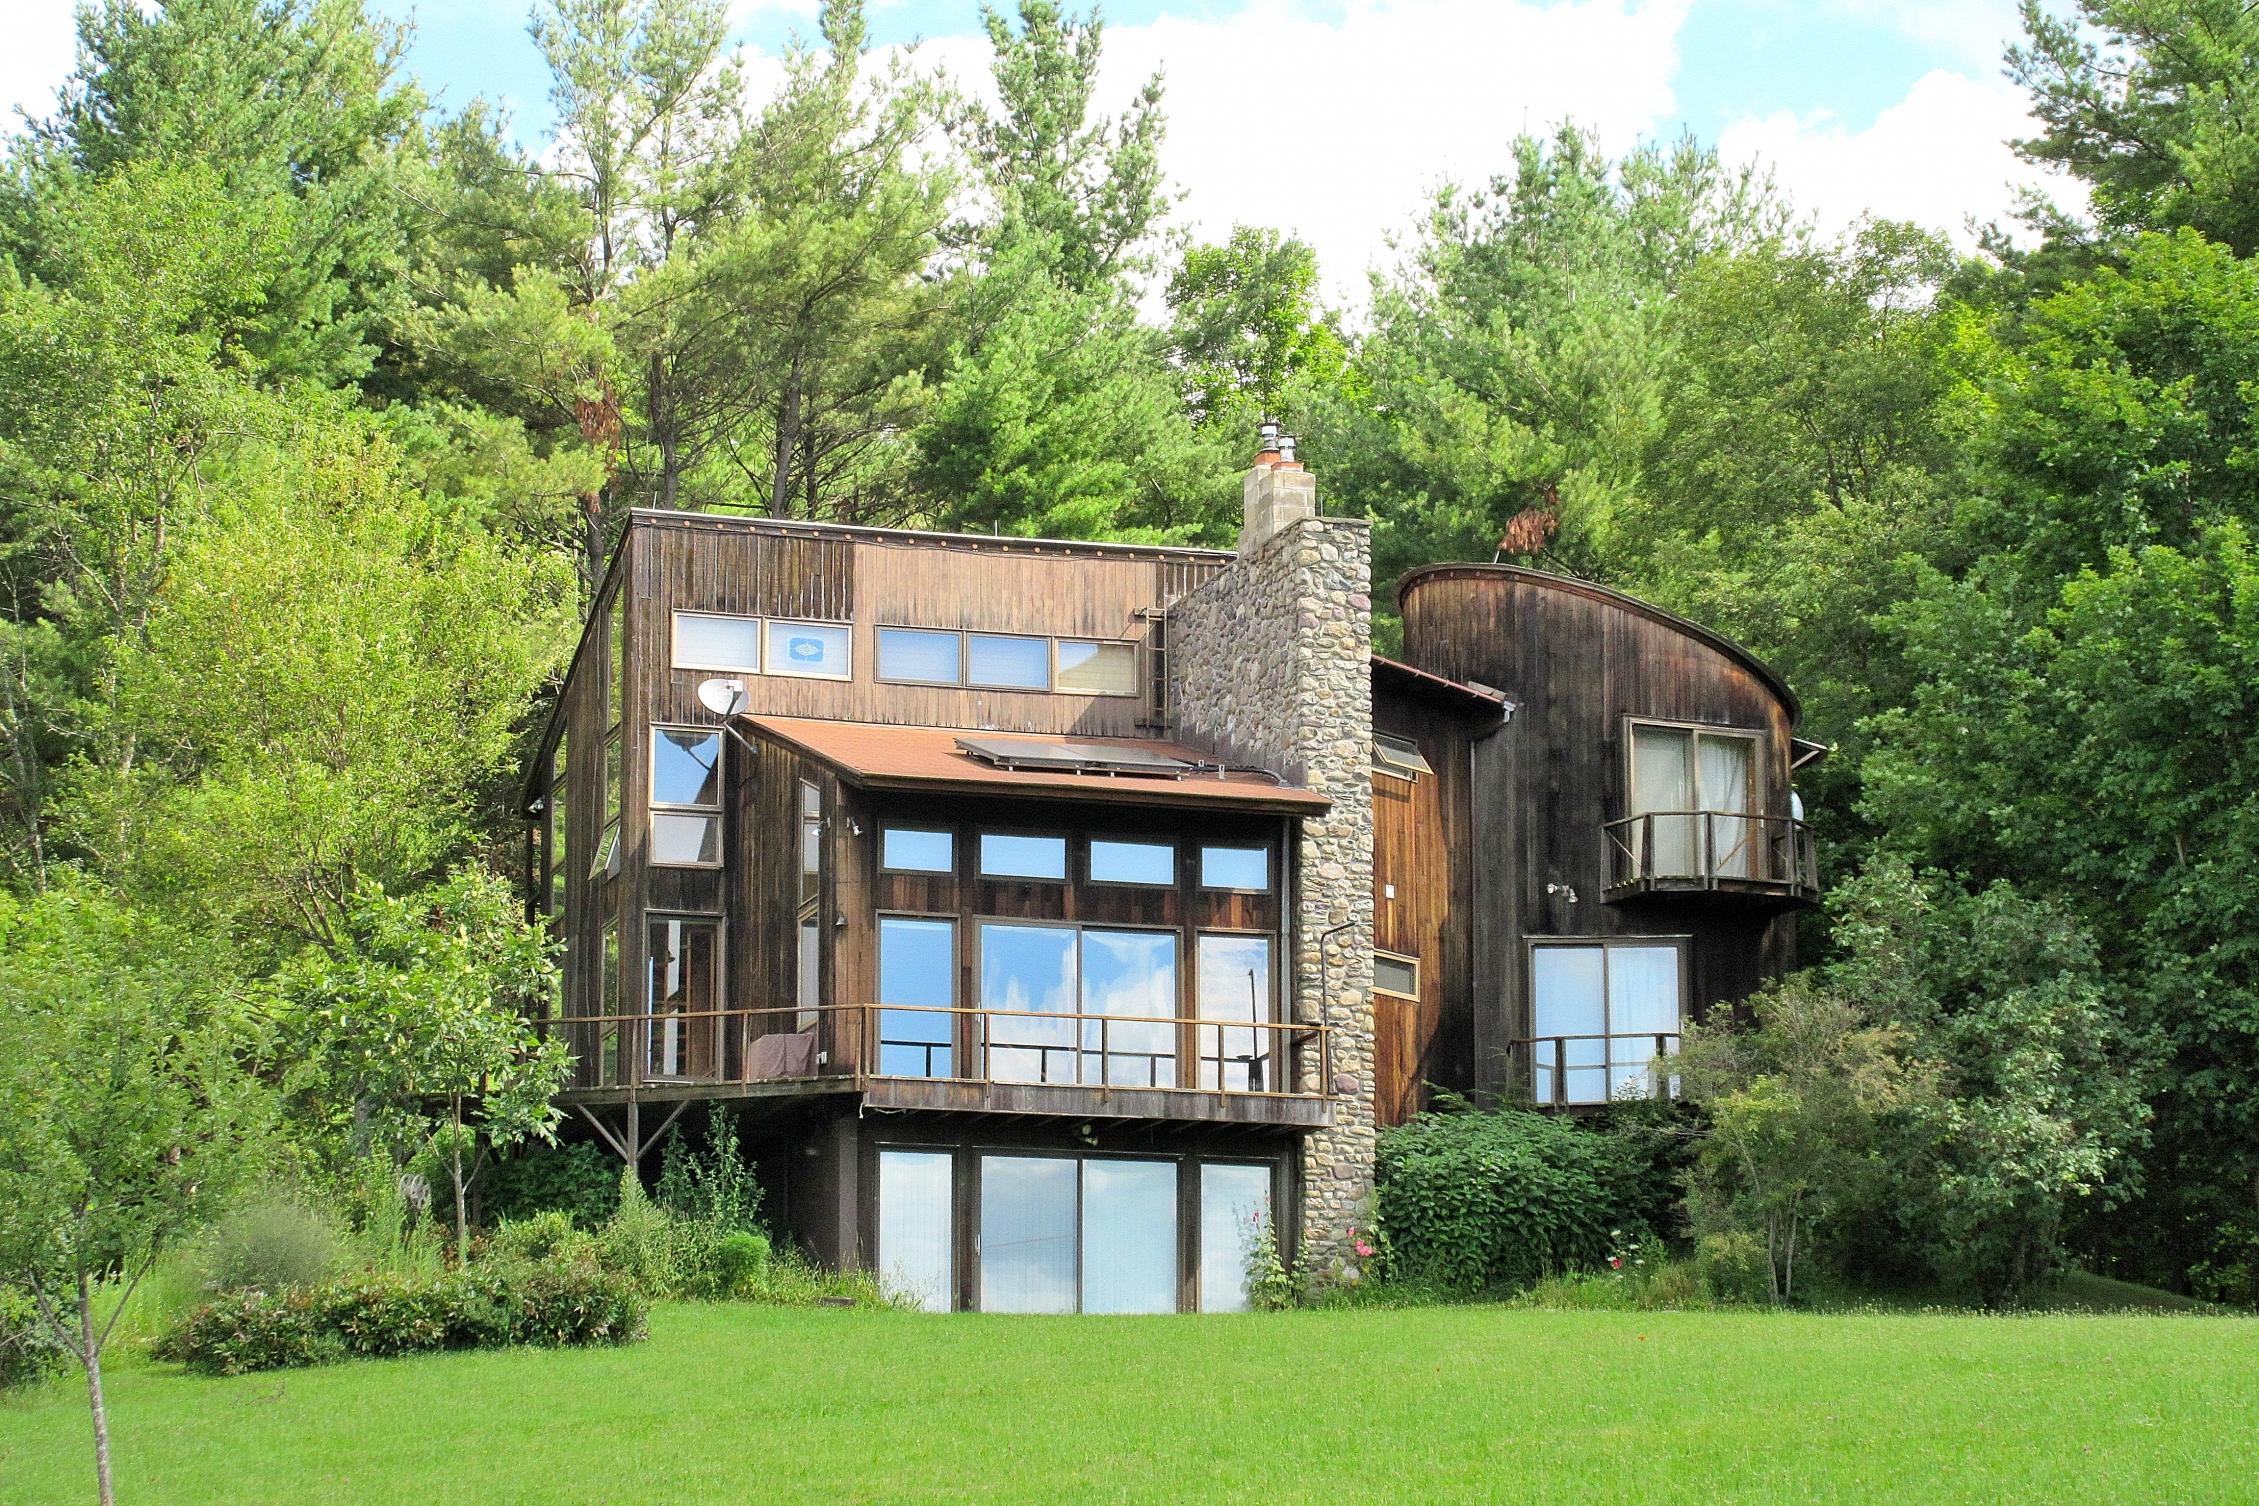 439 Old Lake Rd, Poultney, VT 05764